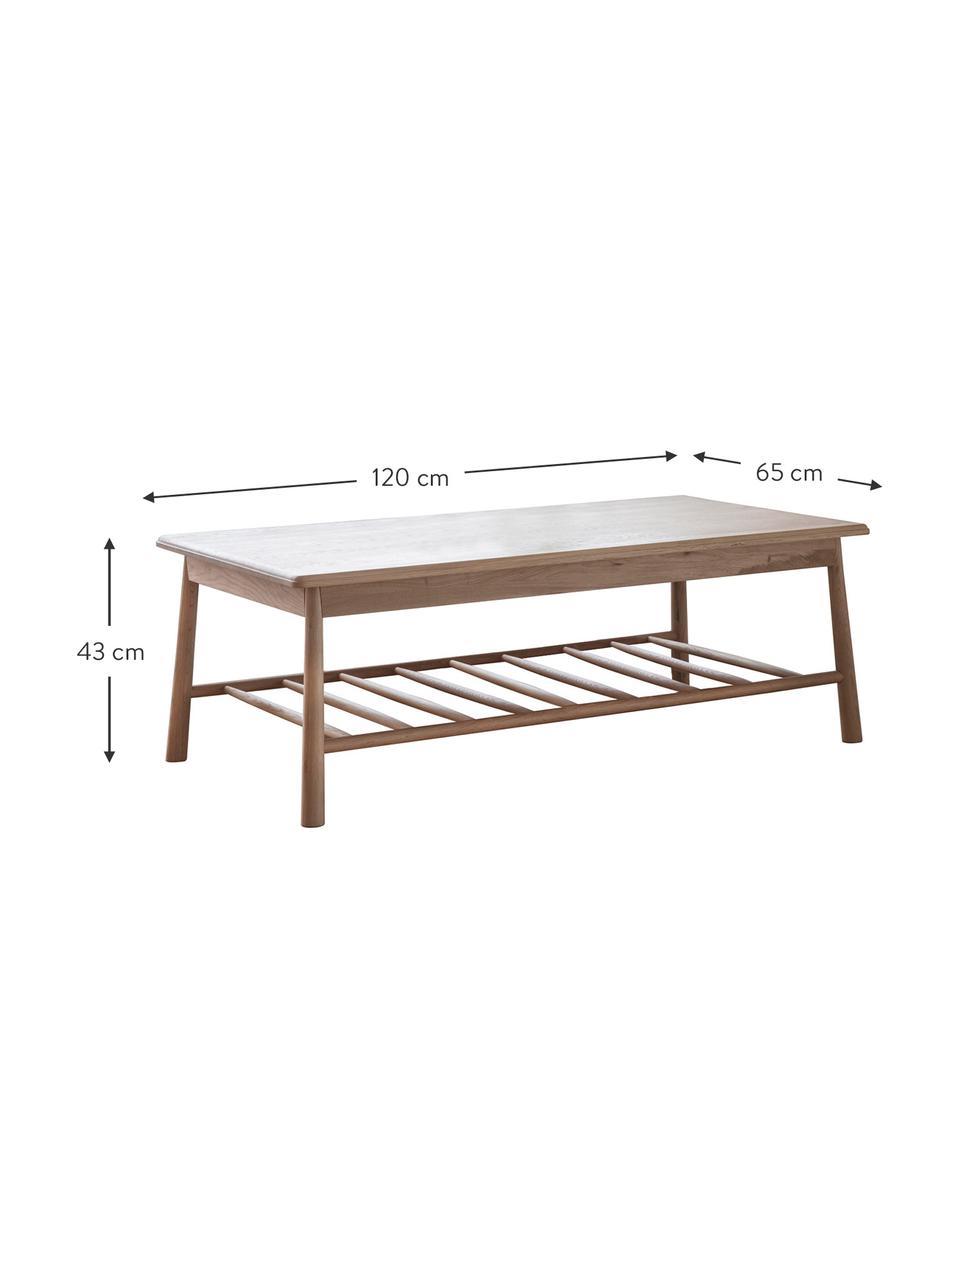 Stolik kawowy z drewna dębowego Wycombe, Lite drewno dębowe, płyta pilśniowa średniej gęstości (MDF) z fornirem z drewna dębowego, Drewno dębowe, S 120 x W 43 cm